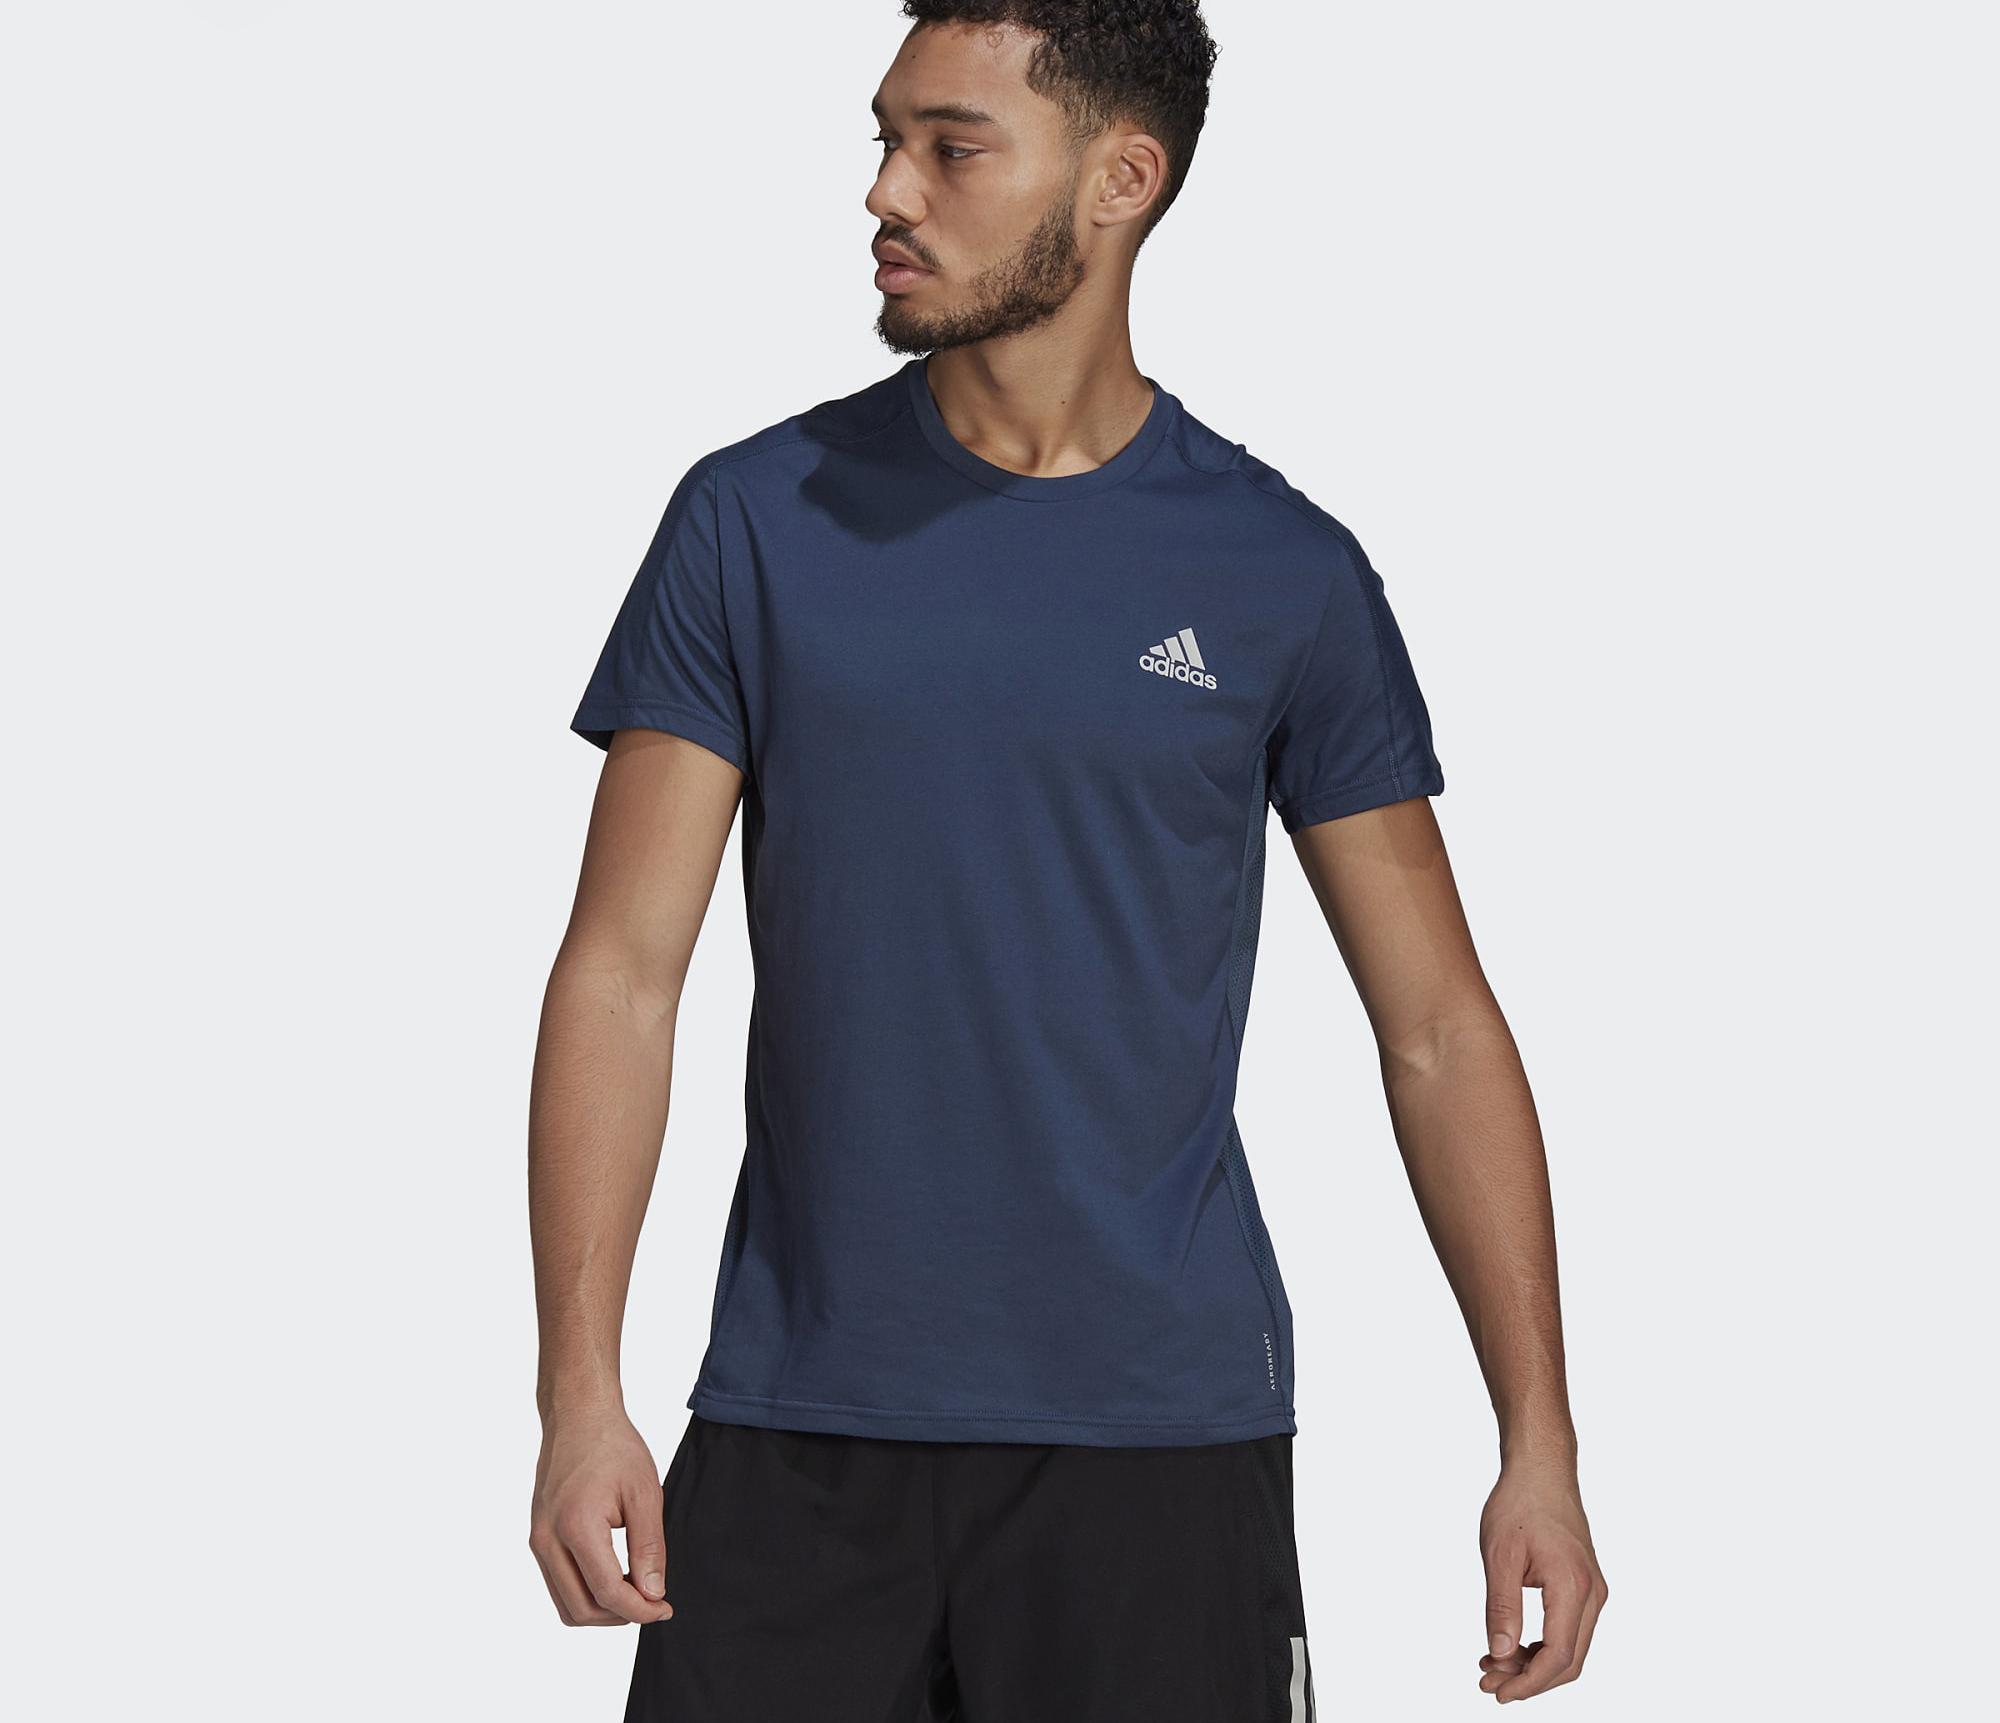 Áo Adidas Own The Run Soft Tee Blue GJ9936 màu xanh xám với logo phản quang may từ chất liệu nhẹ, mềm mại và thoáng khí, ứng dụng công nghệ Aeroready hút ẩm, phù hợp cho chạy bộ cũng như tập luyện thể thao. Sản phẩm có các size M, L, XL. Giá gốc 950.000 đồng, ngày 6/6 ưu đãi 48% còn 490.000 đồng.